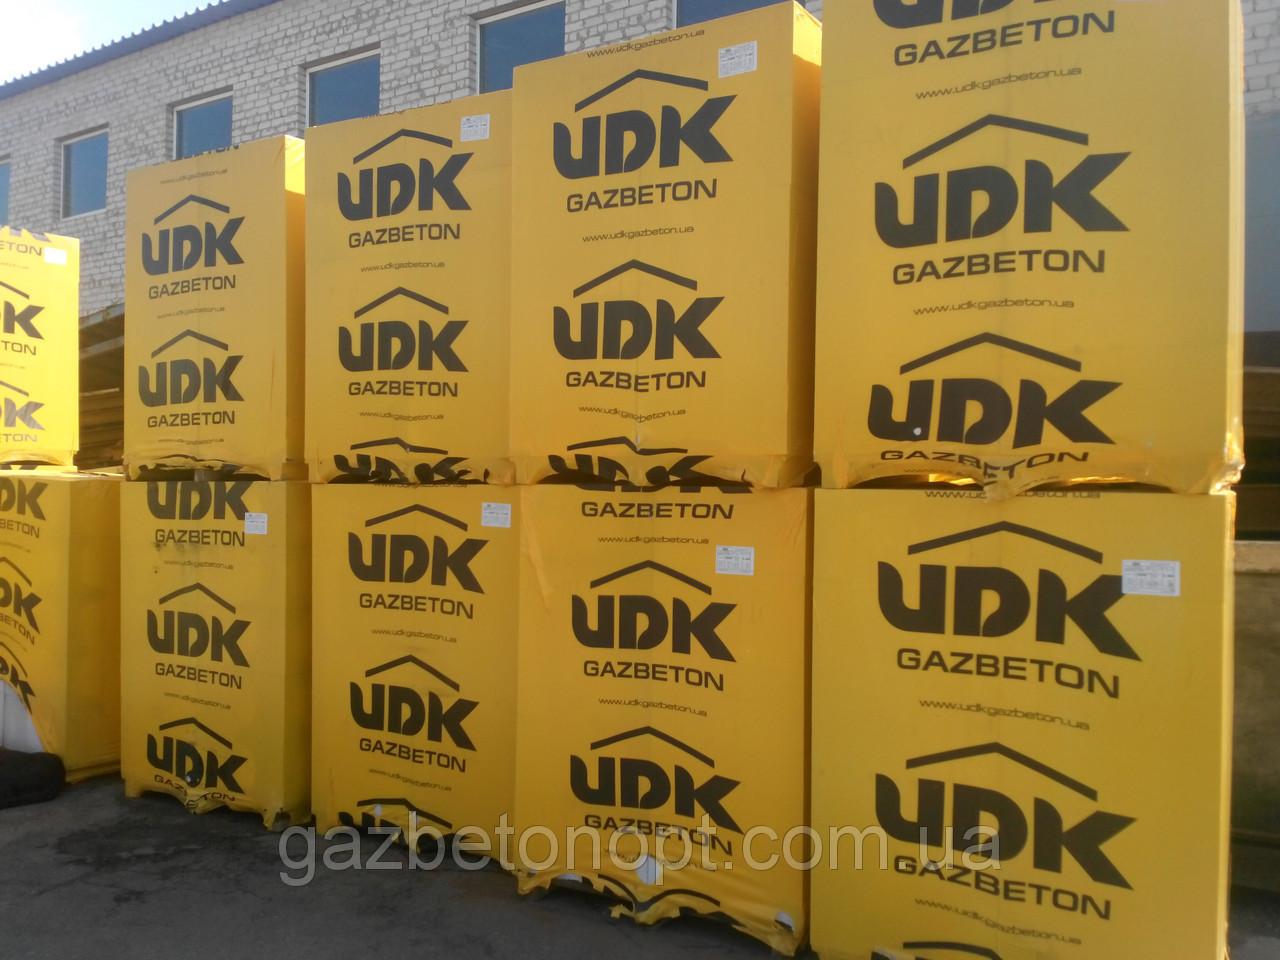 Газобетон, газоблок, ЮДК  Акции UDK wall (с клеем в подарок) с 9.08.19 по 30.08.19